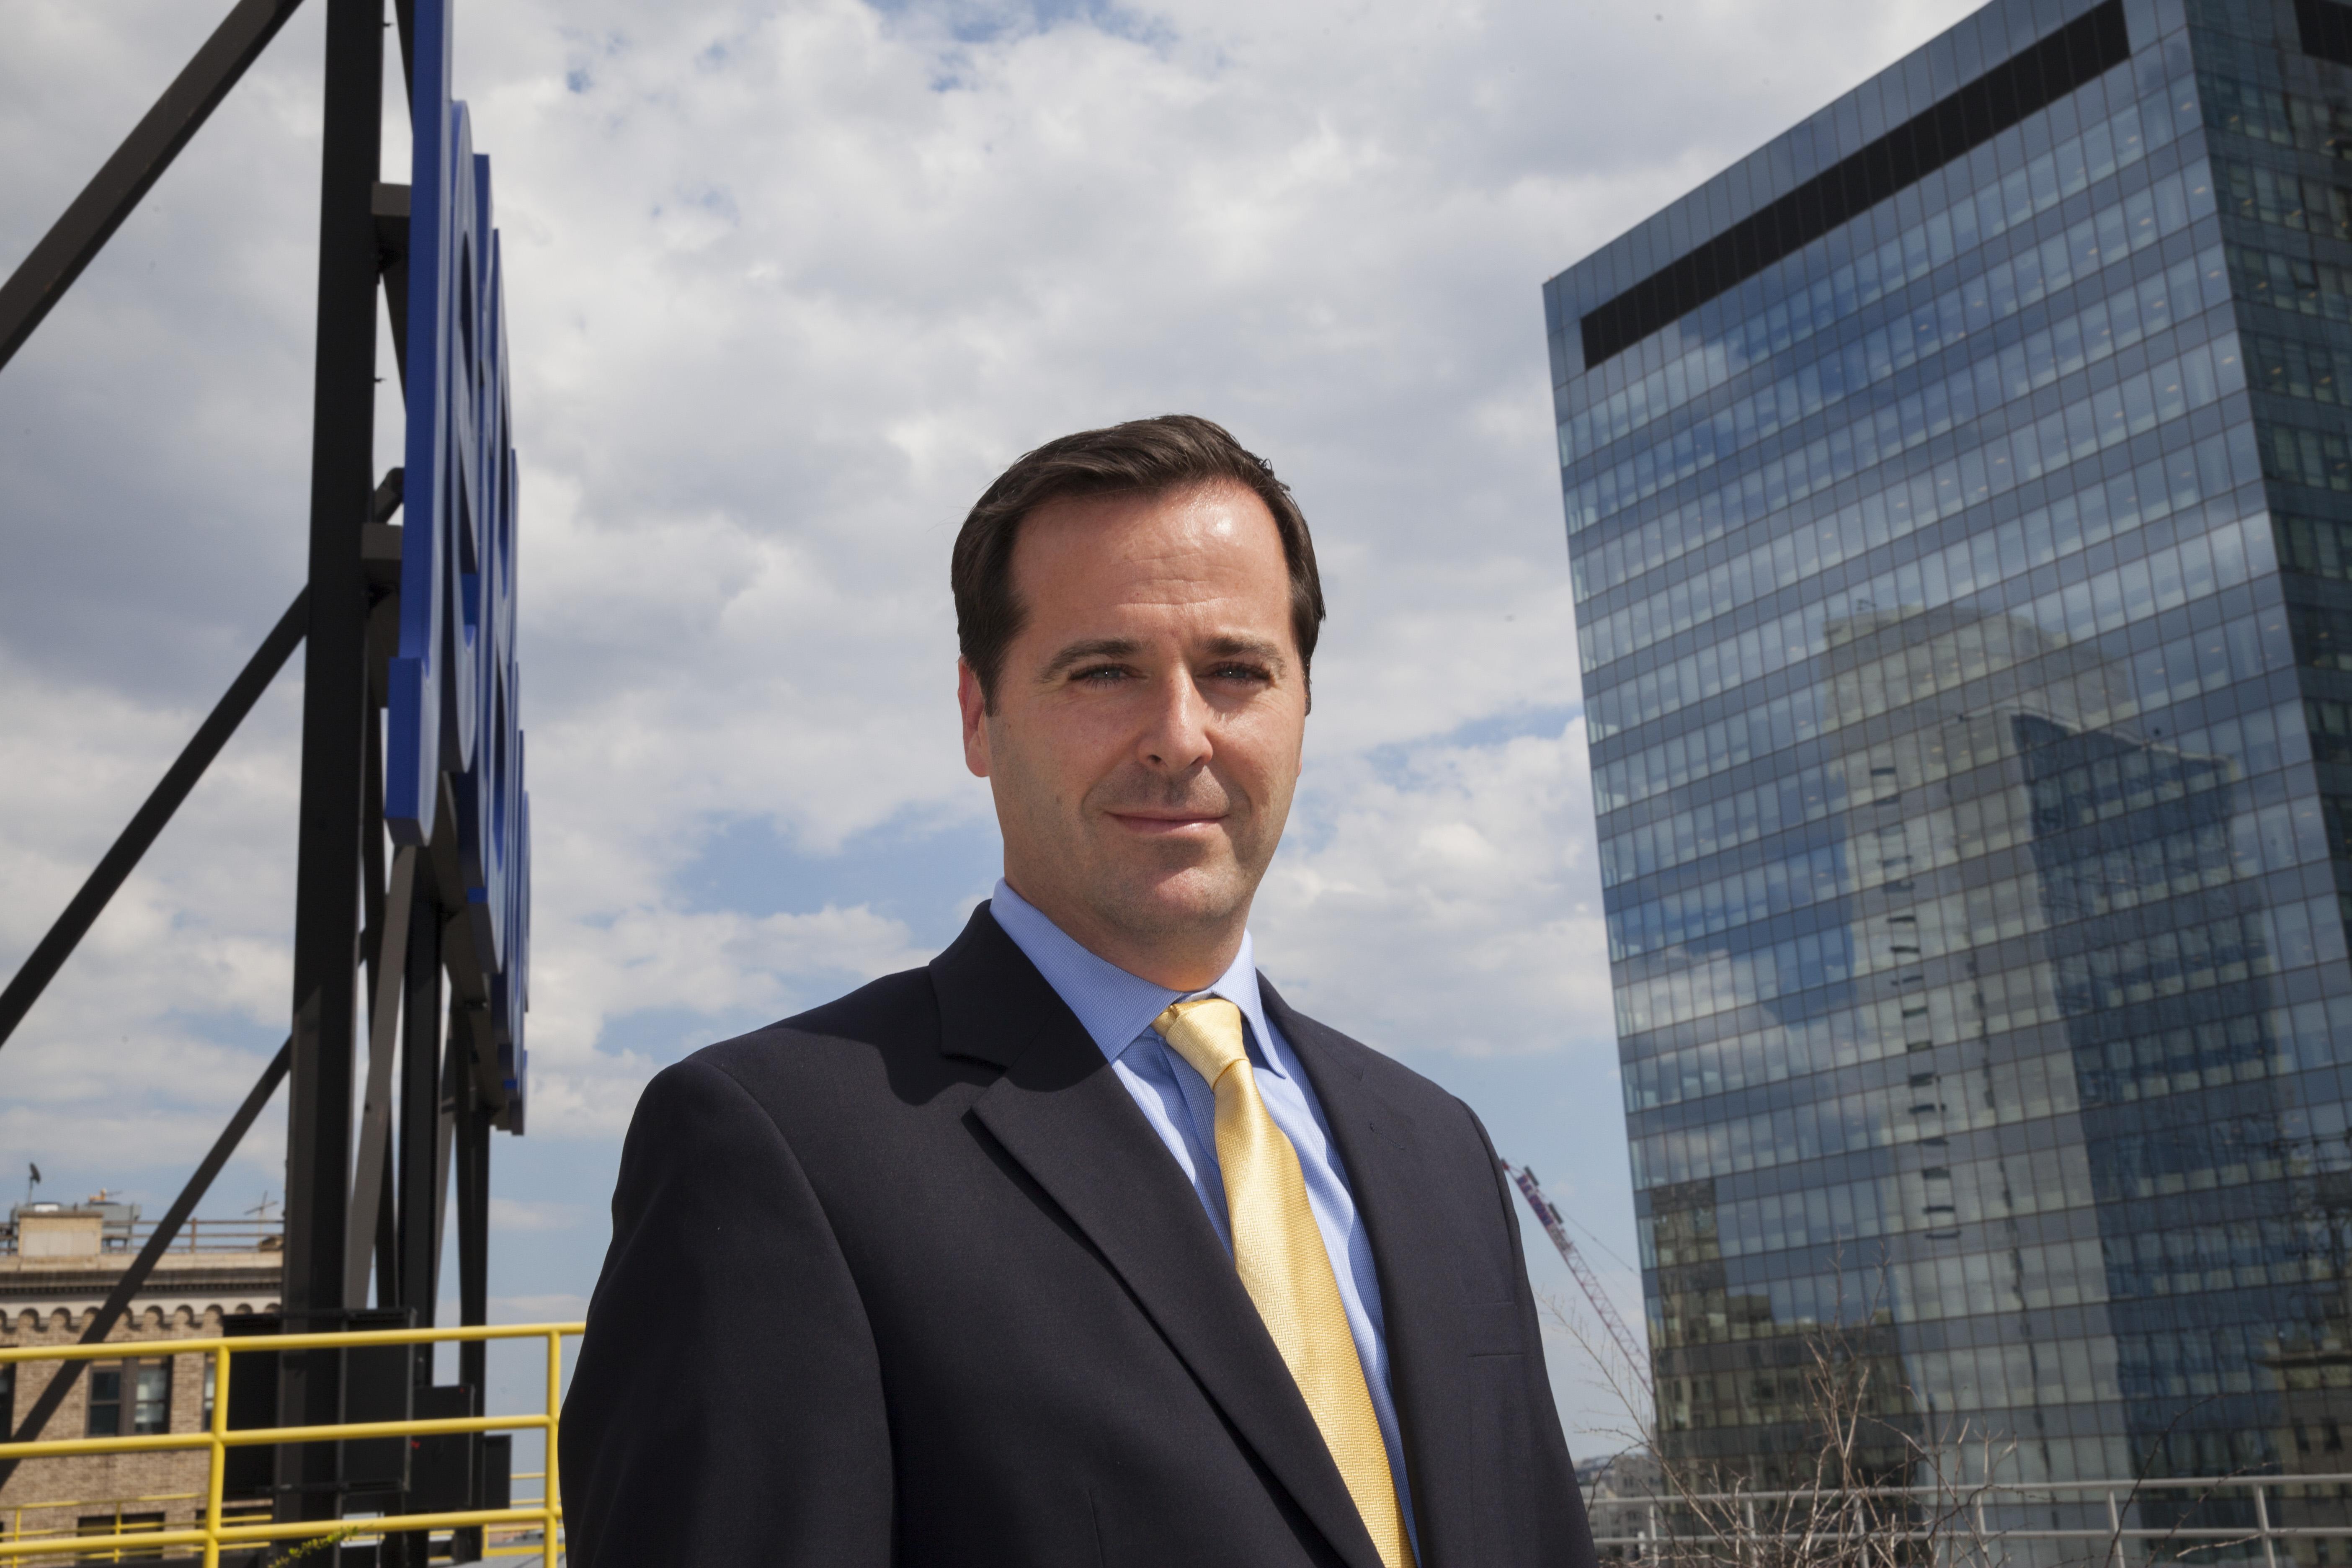 Brad Sheehan